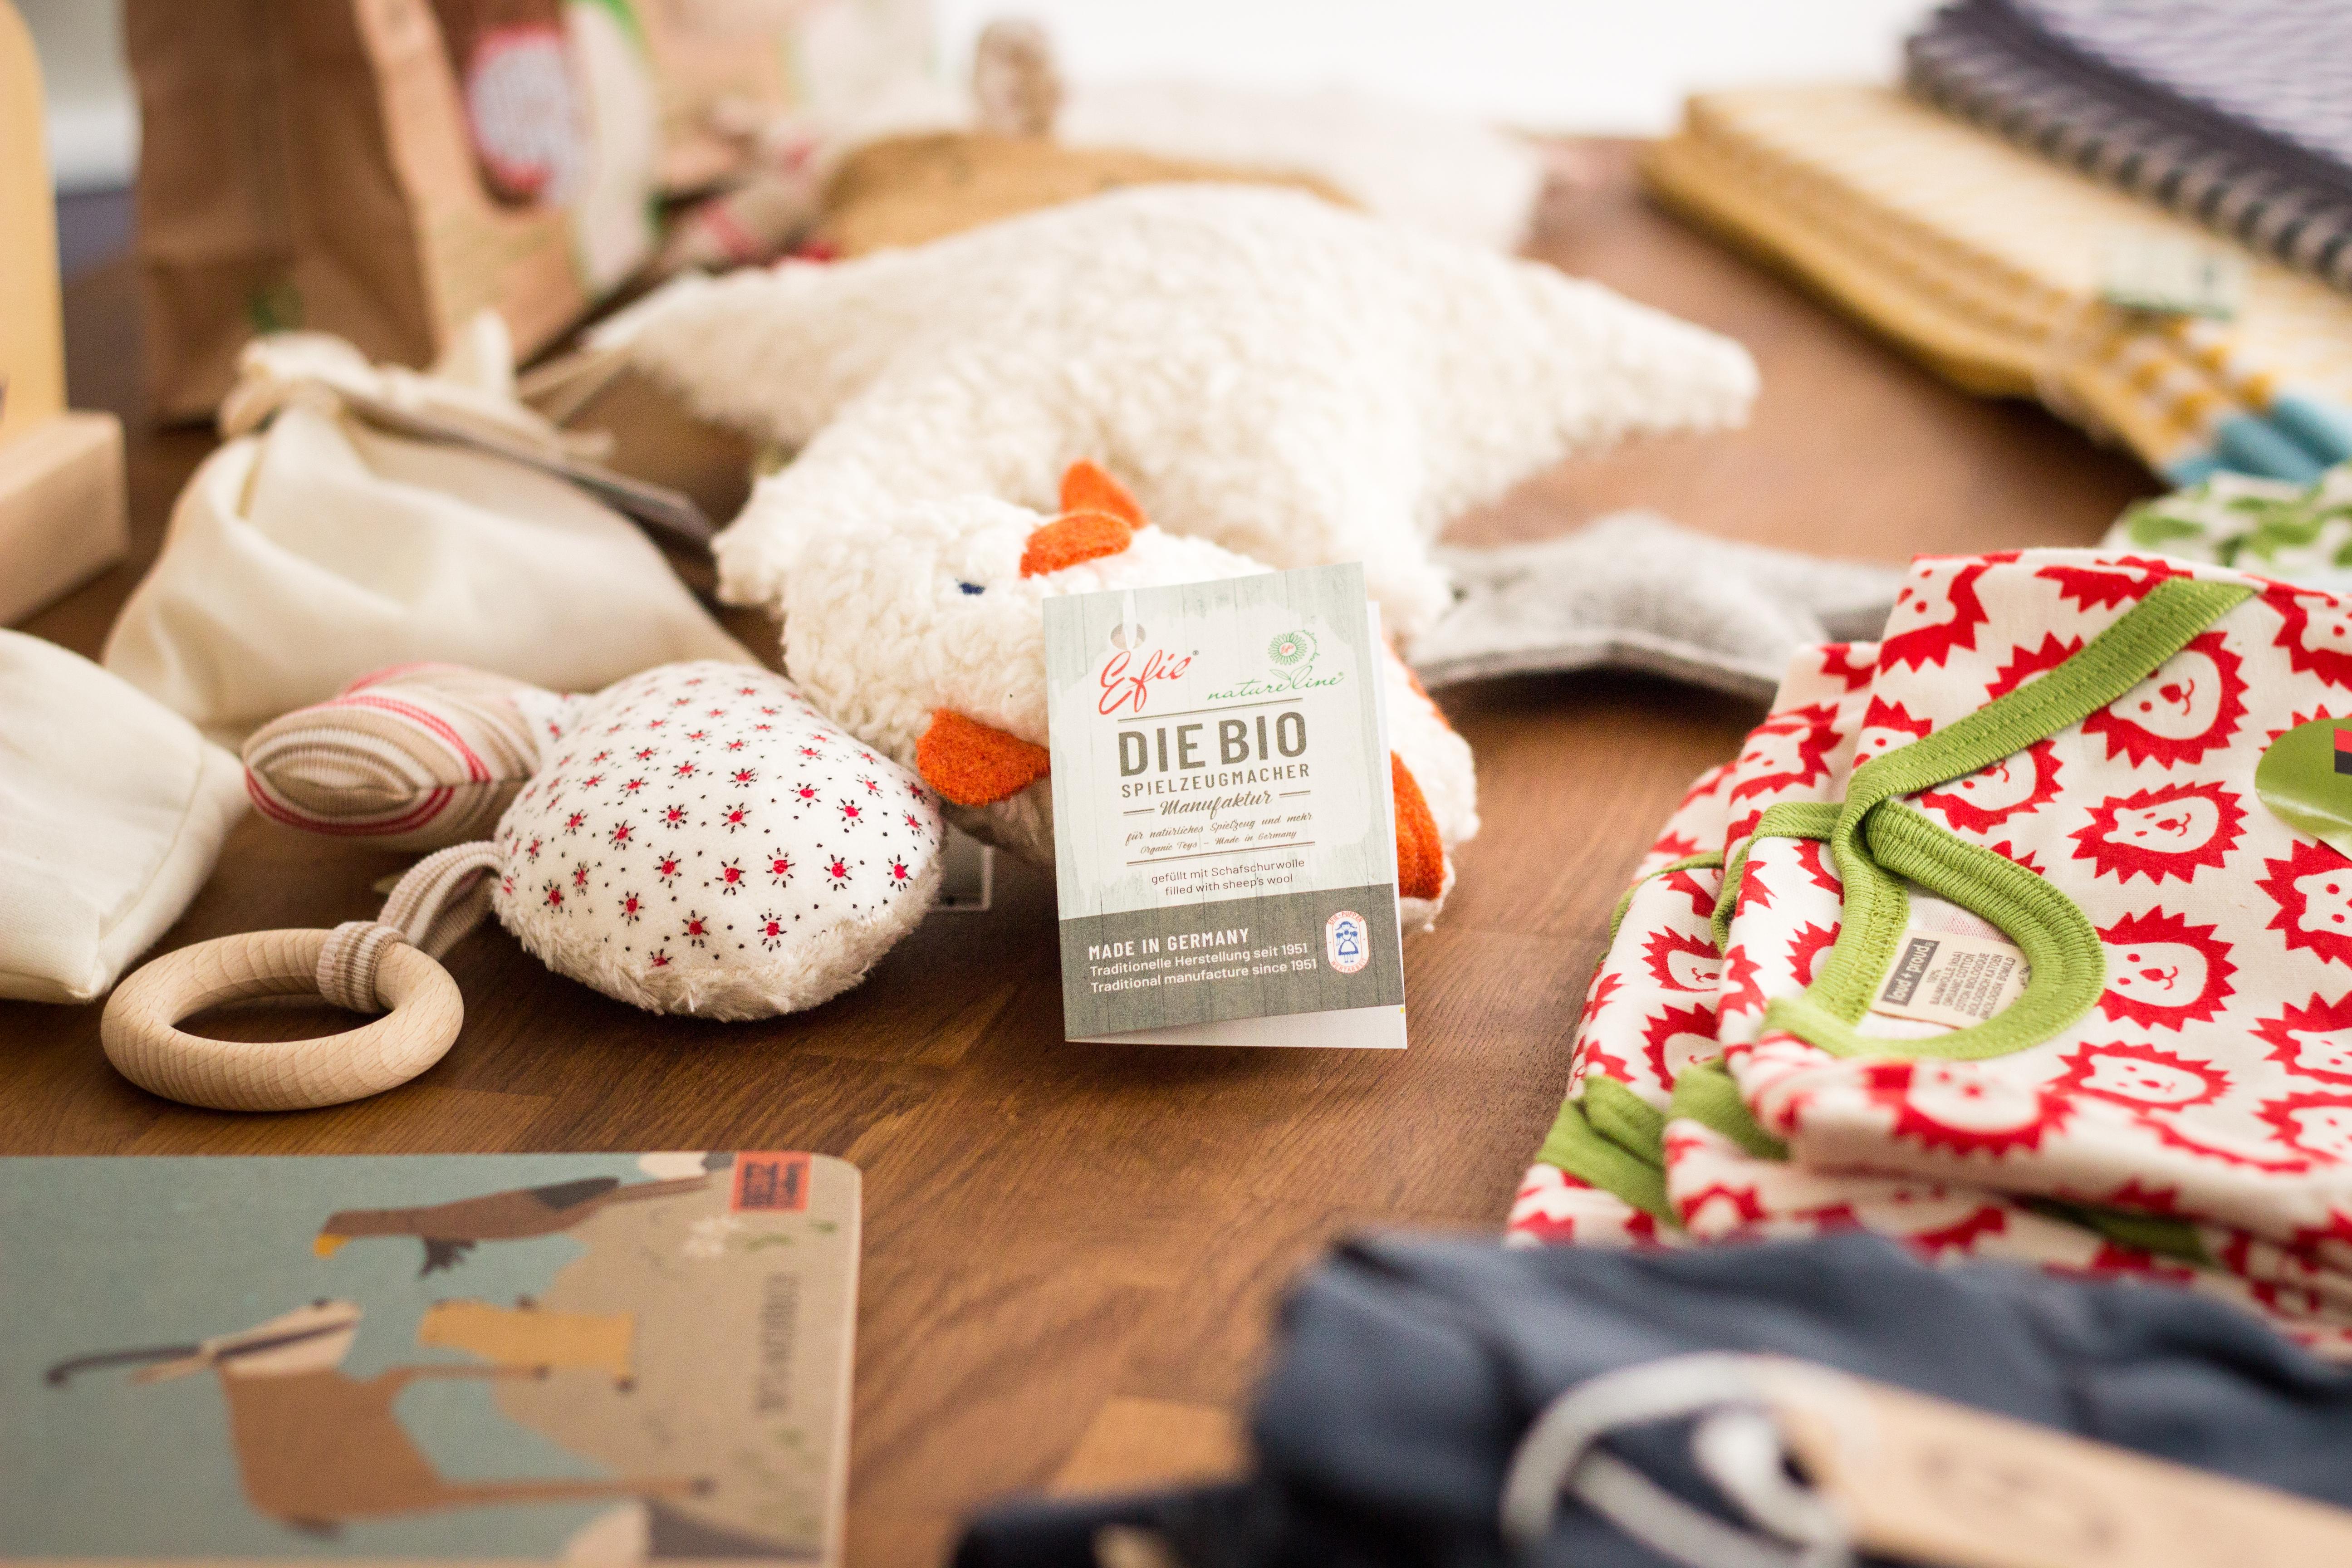 Kleinkindspielzeug, Bücher, Decken und Oberteile auf einem Tisch